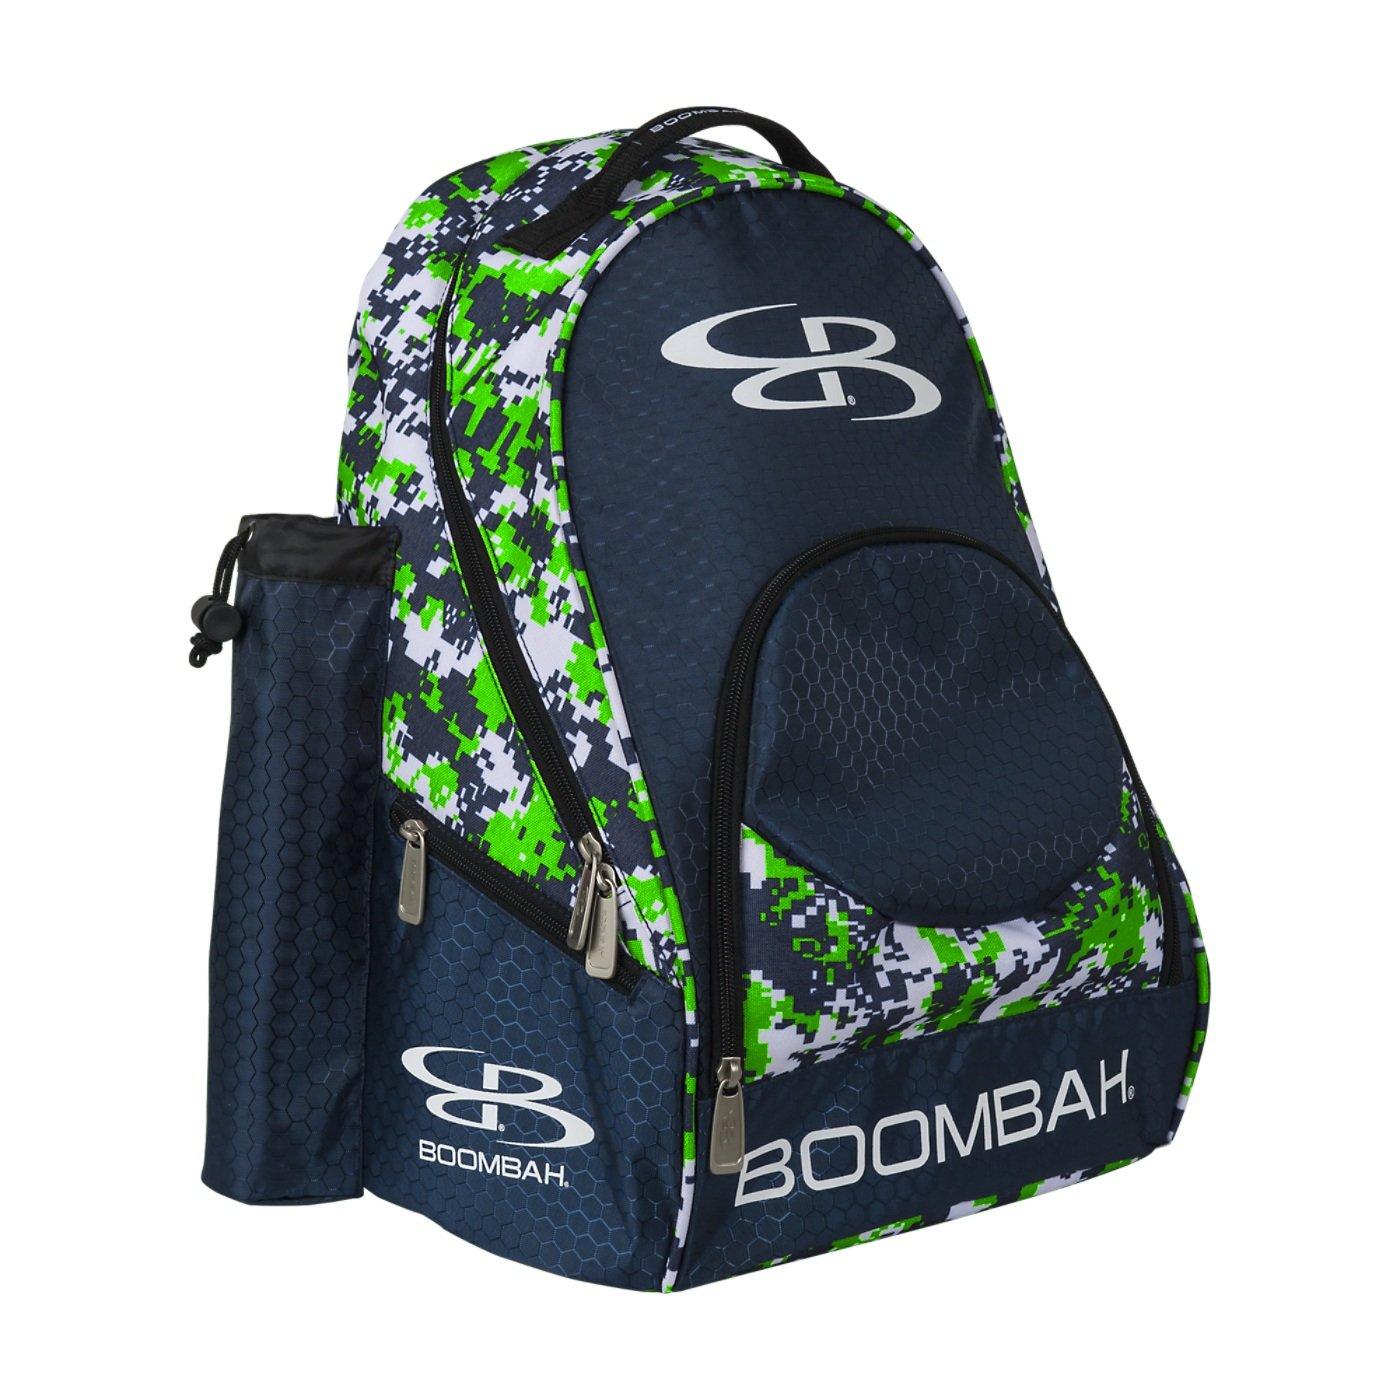 (ブームバー) Boombah Tyroシリーズ 野球/ソフトボールバットが収納できるバックパック 20x 15x10インチ 迷彩柄 20色展開 2-3/4インチまでのバットを2本収納可 B01MRR4V29 Lime Green/Navy Lime Green/Navy